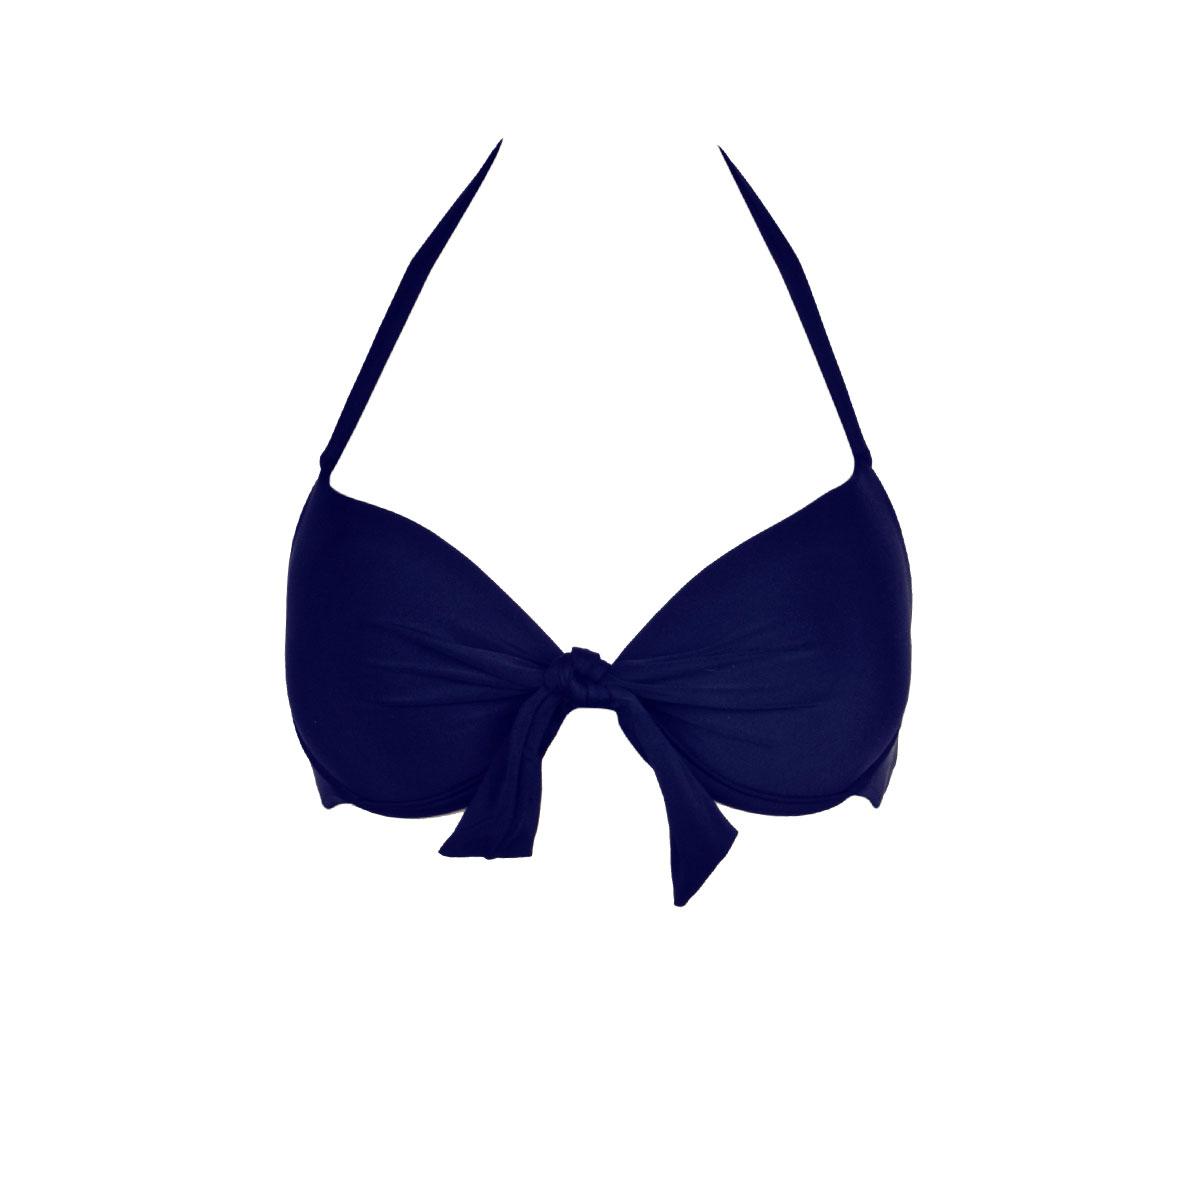 Mon Push-up Bikini, marine blau (Oberteil)